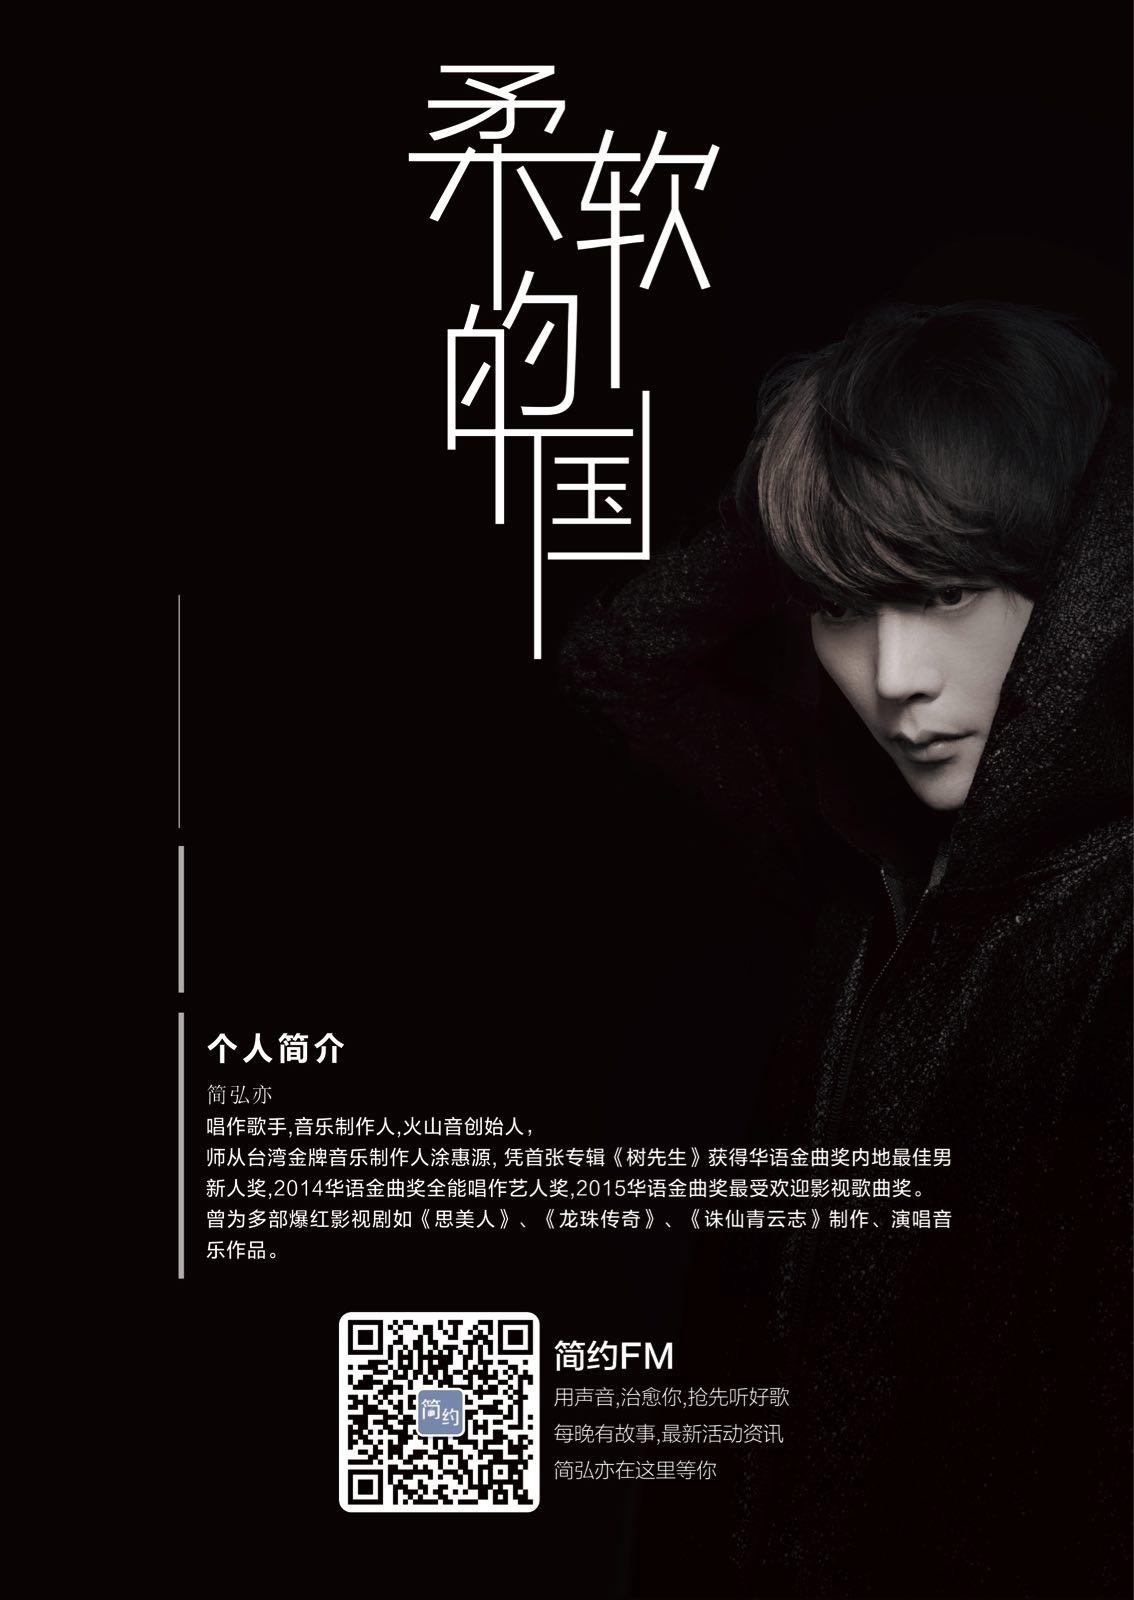 简弘亦《若软的国》专辑海报.jpg